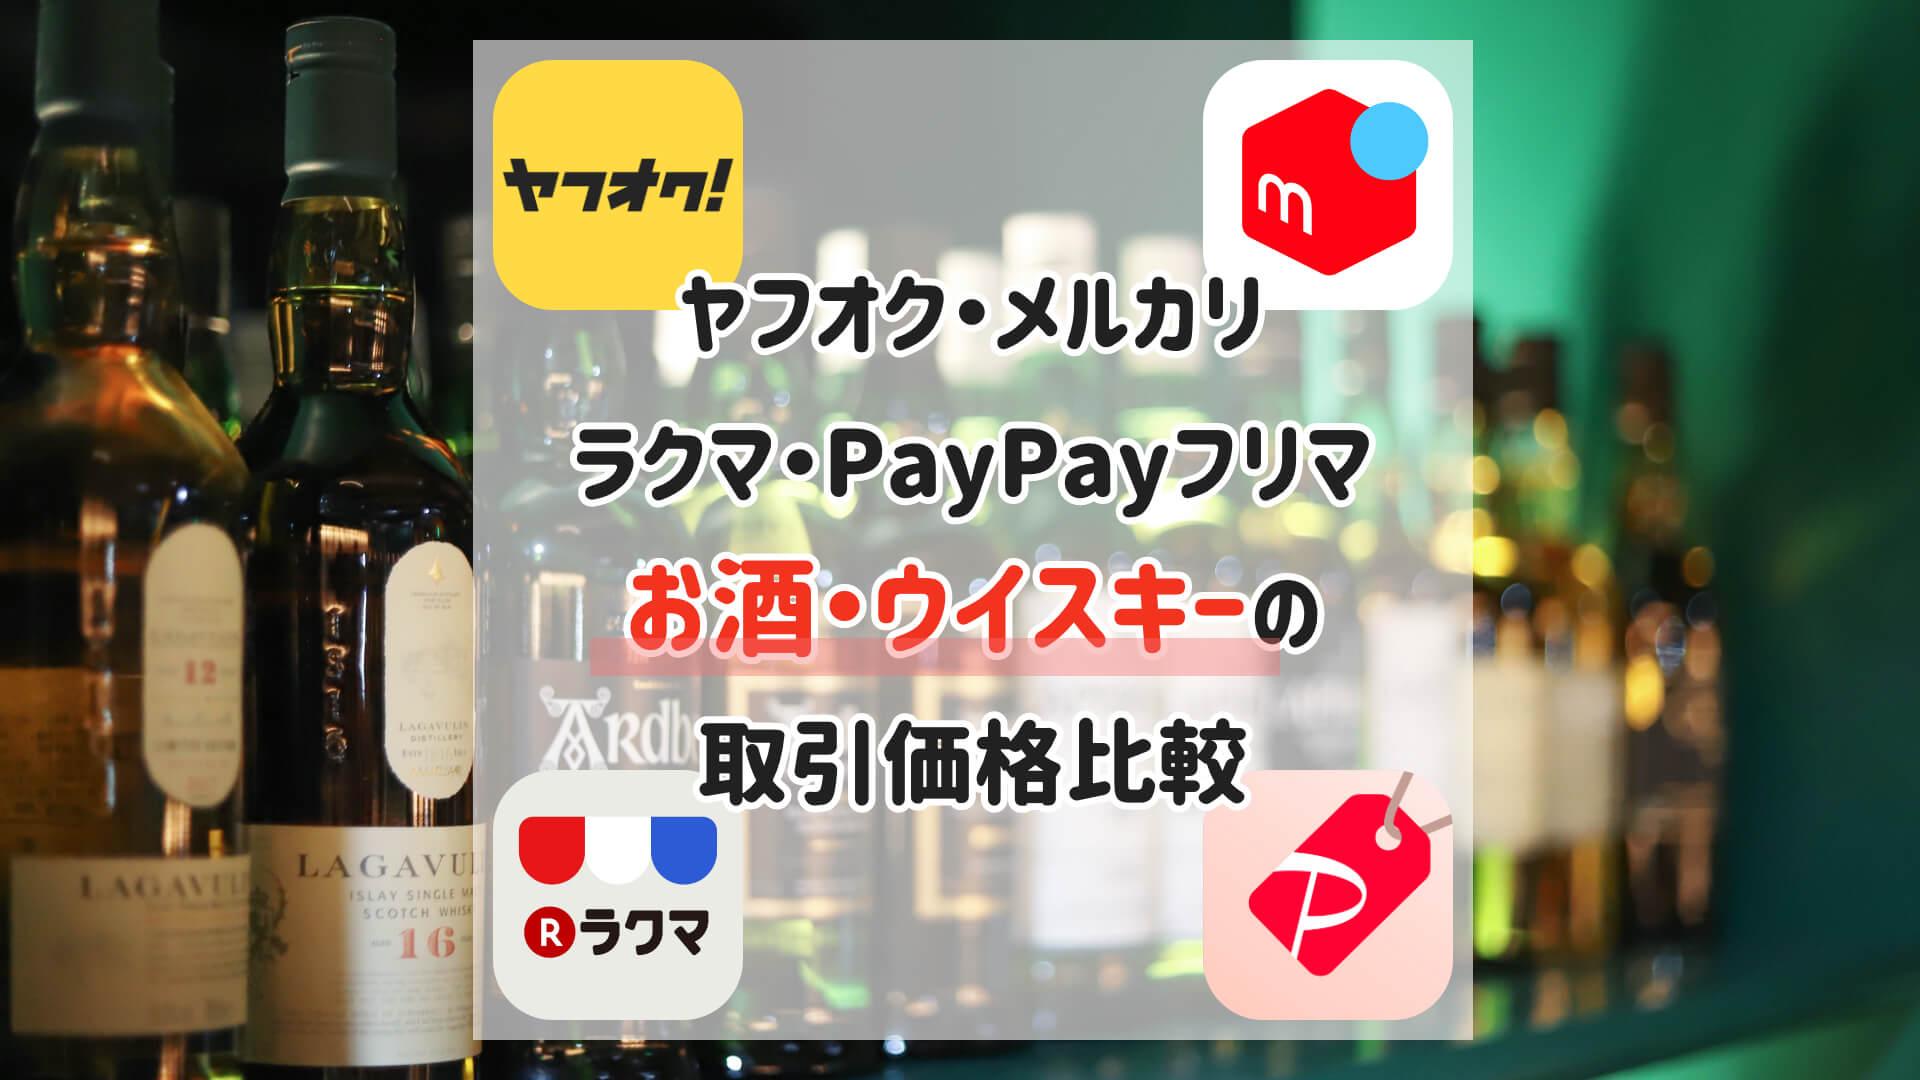 【ヤフオク・メルカリ・ラクマ・PayPayフリマ】 お酒・ウイスキーの落札取引価格比較【神戸オークション】